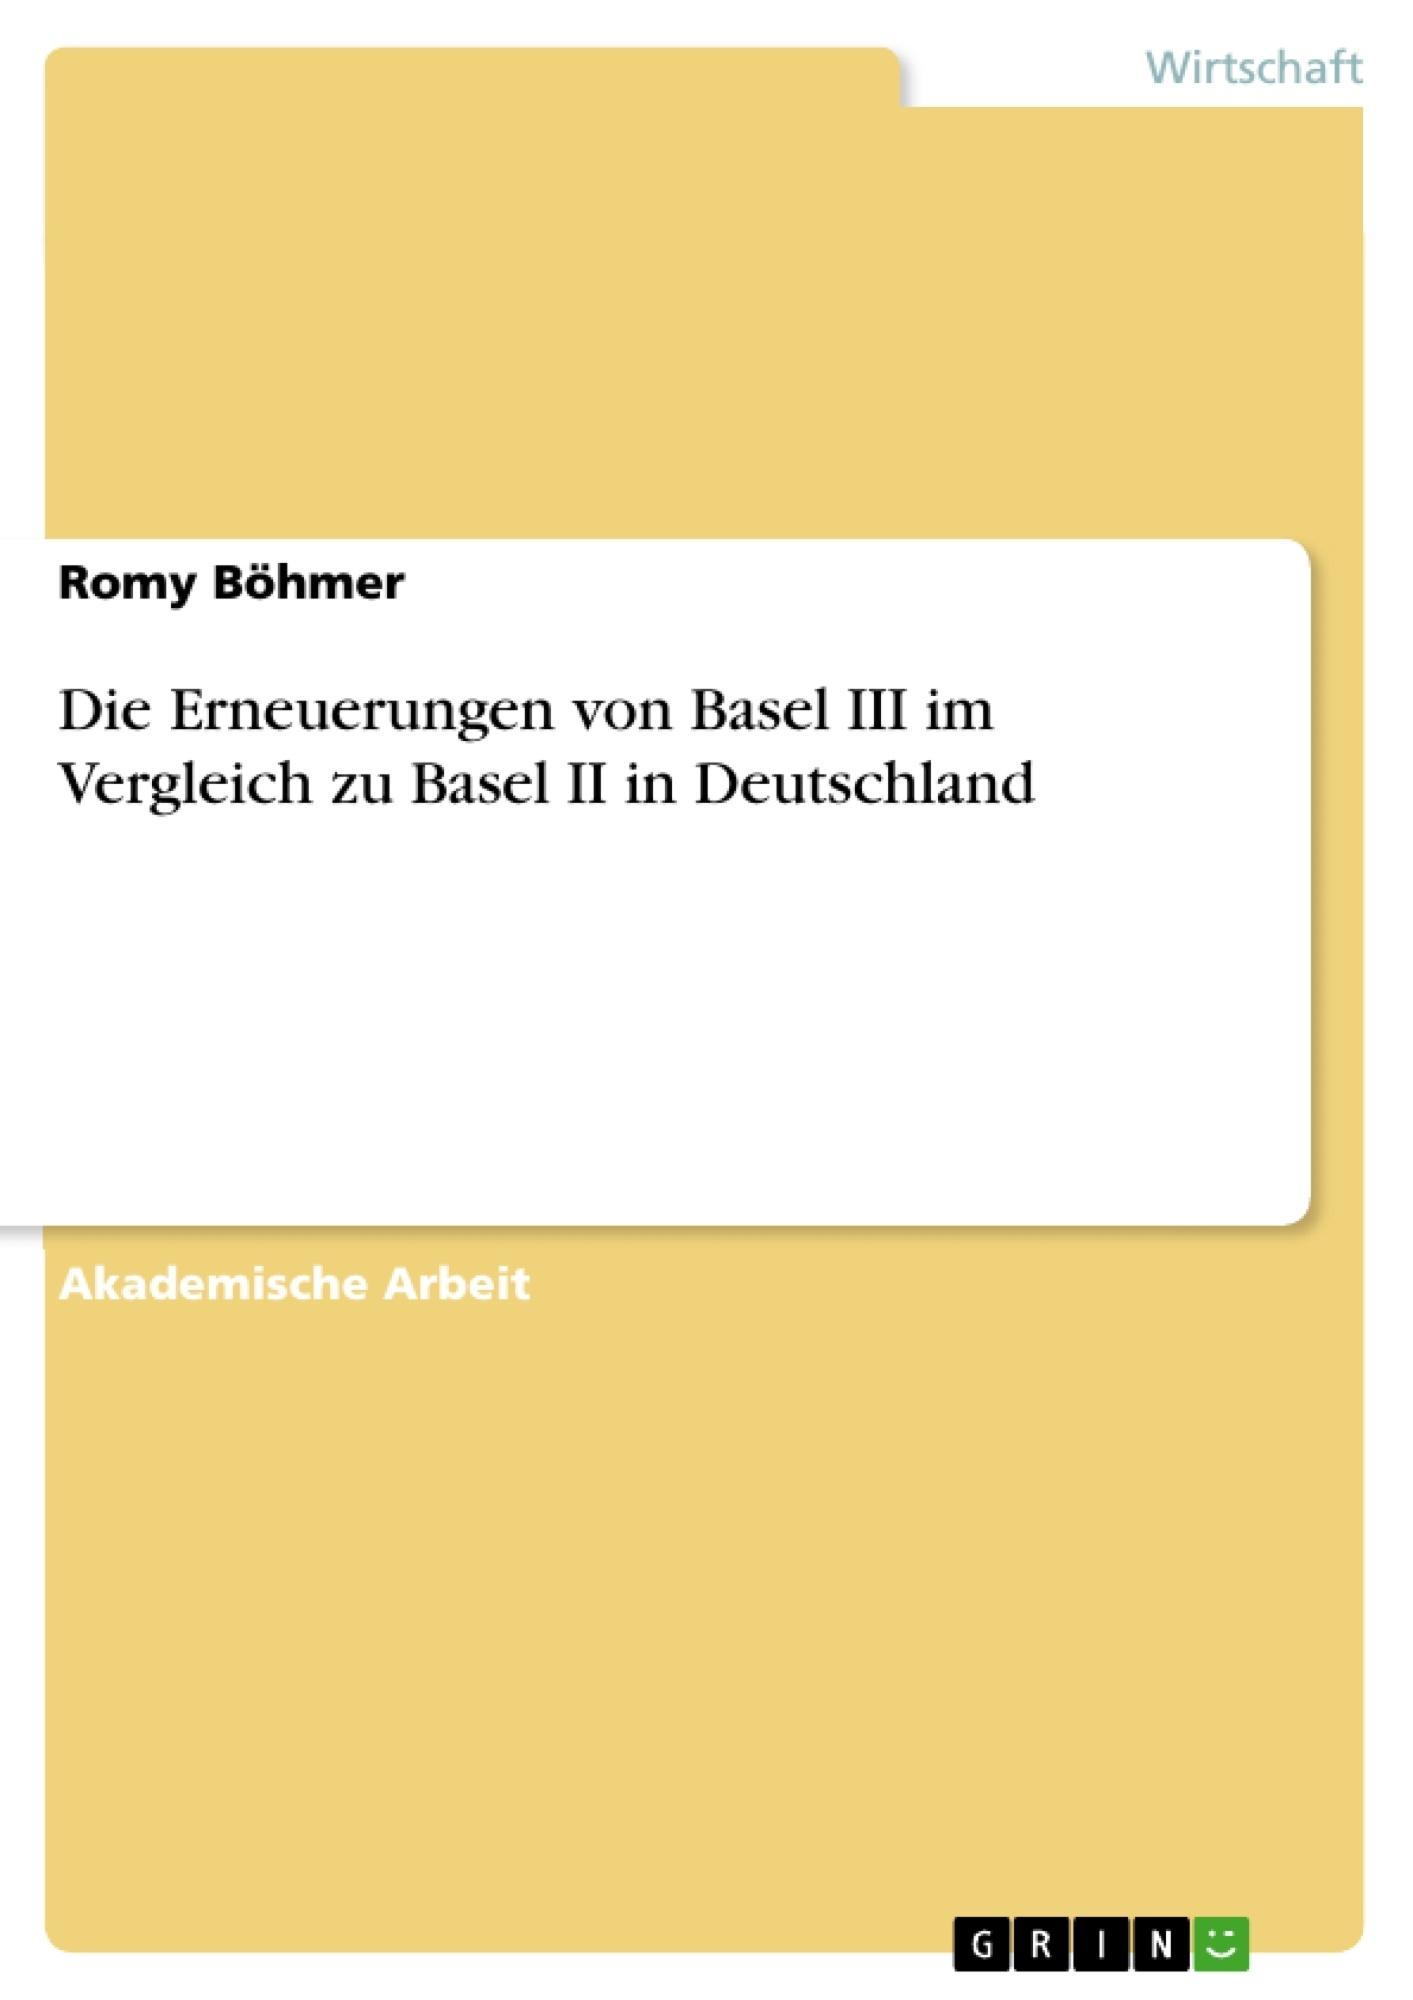 Titel: Die Erneuerungen von Basel III im Vergleich zu Basel II in Deutschland